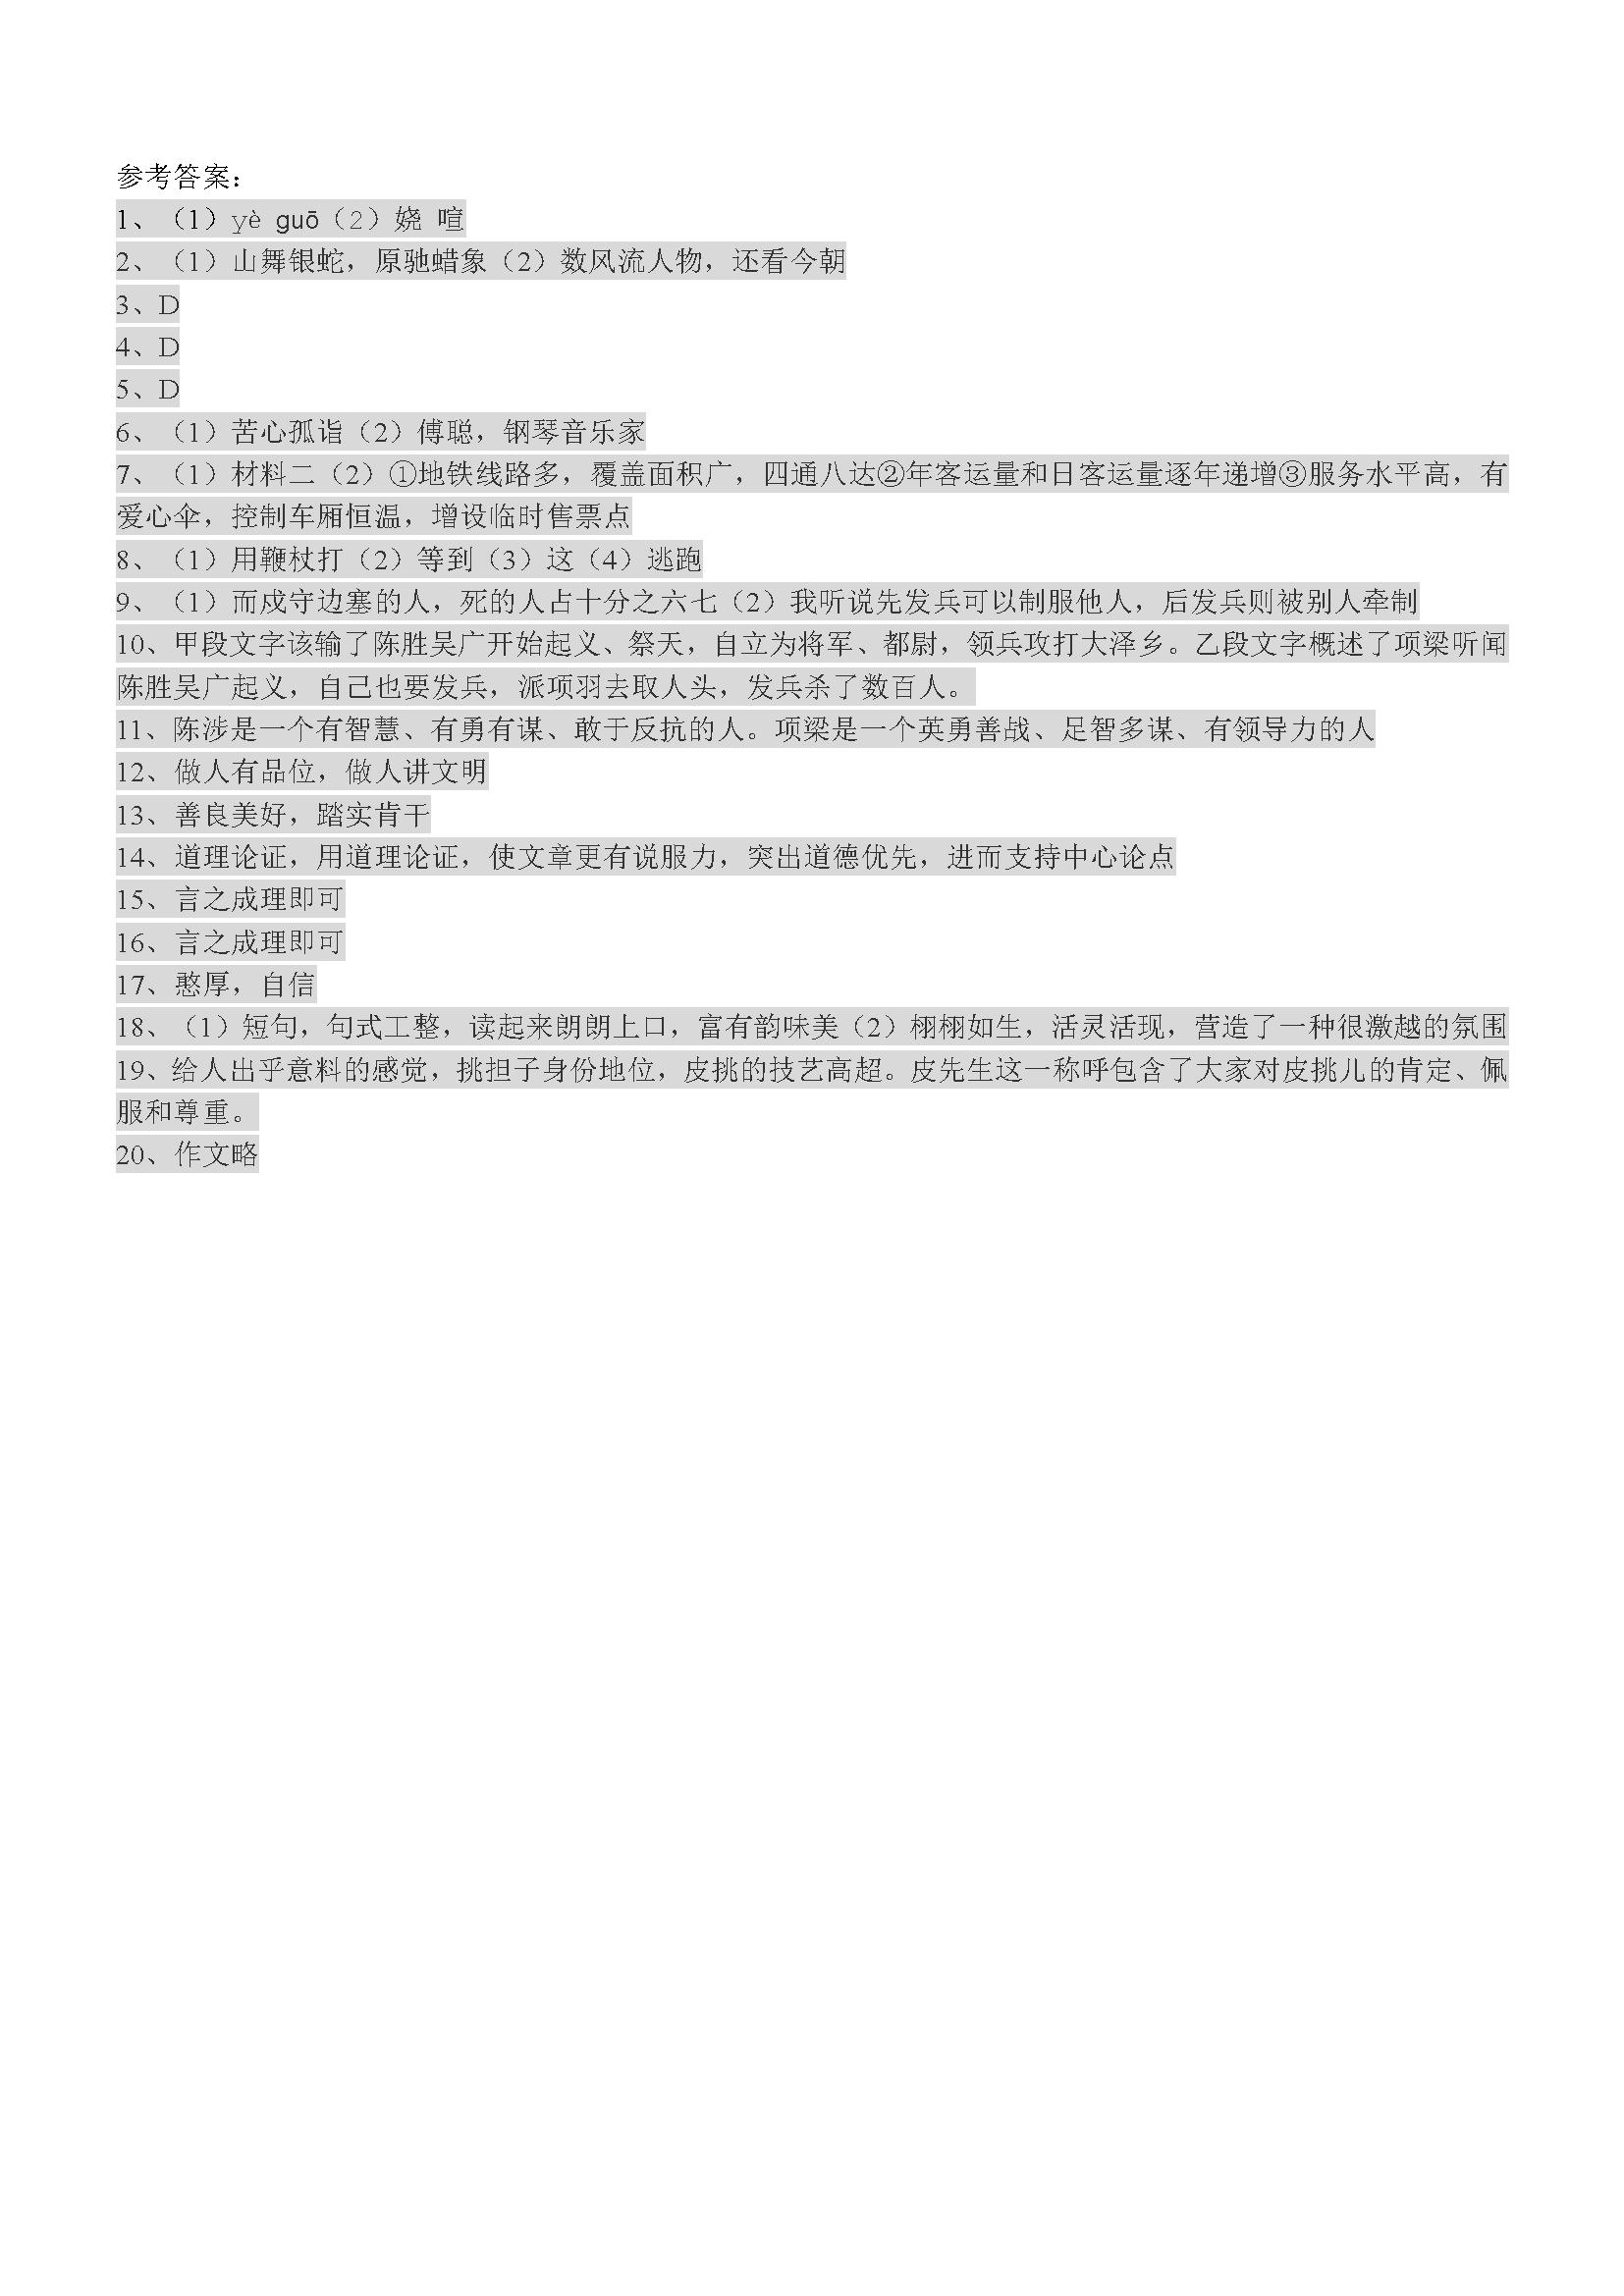 北京顺义国际学校2017-2018九年级第一学期第一次月考语文试卷答案(图片版)